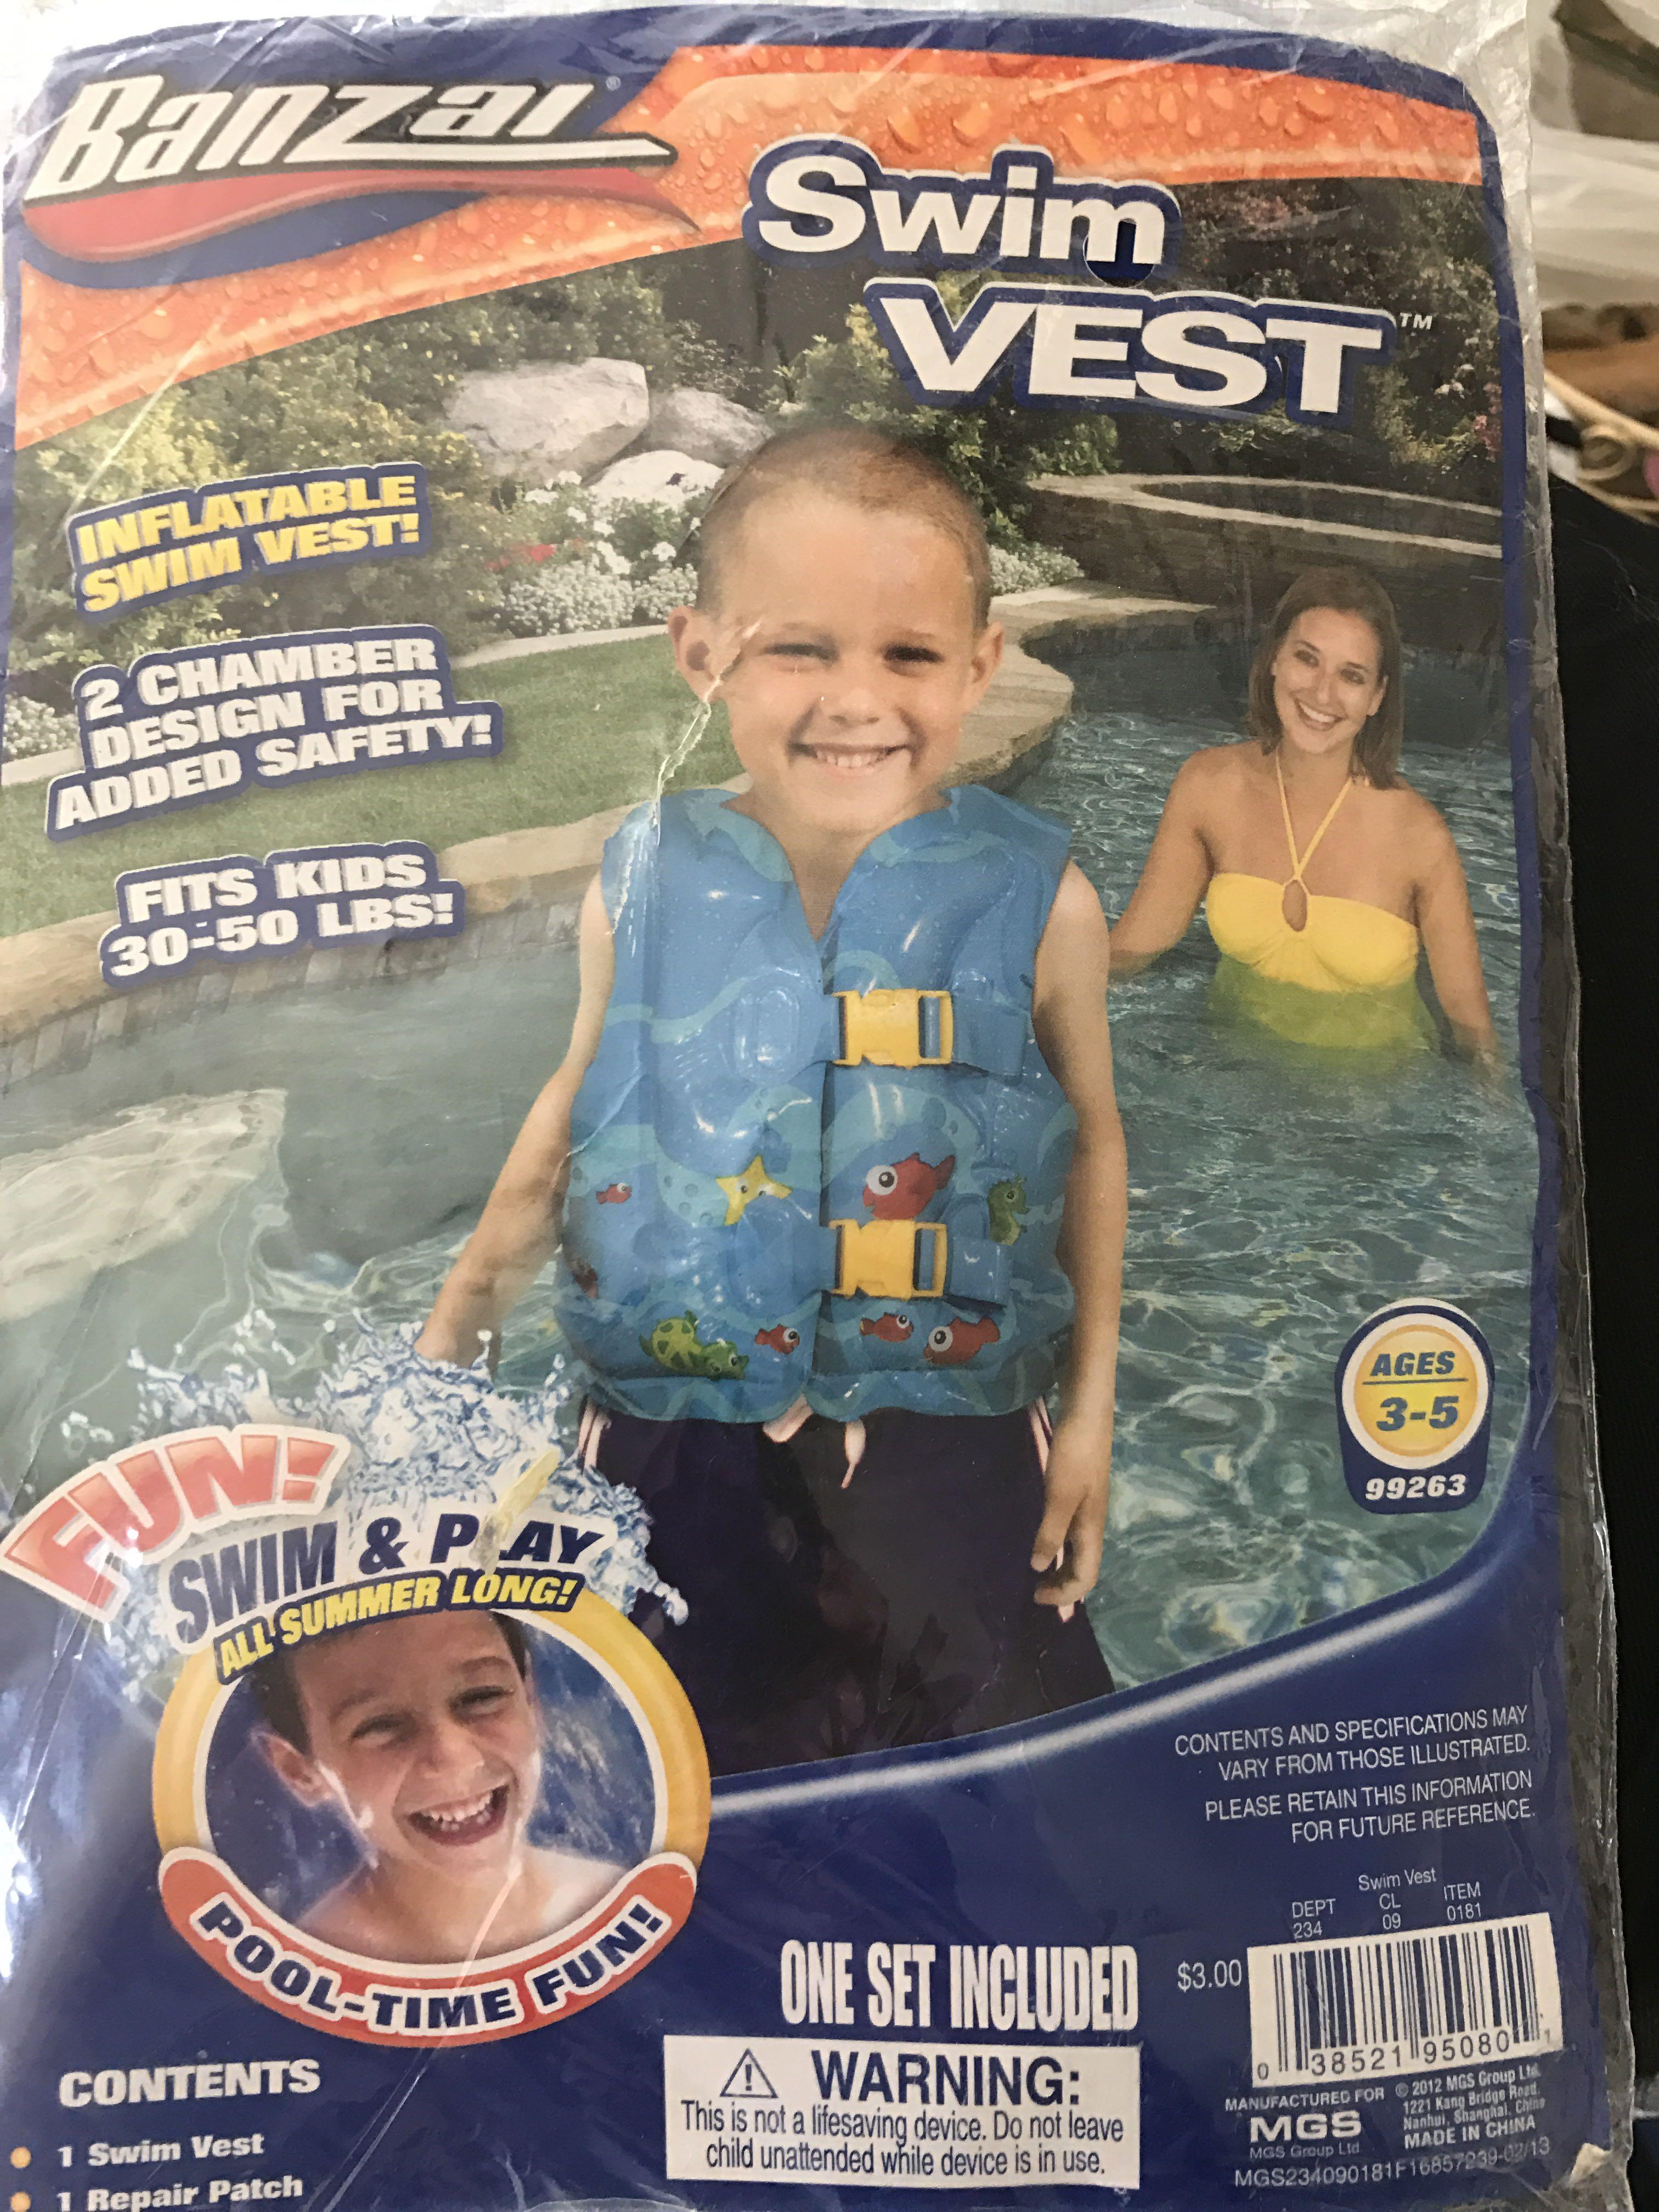 New inflatable swim vest (30-50lbs.)